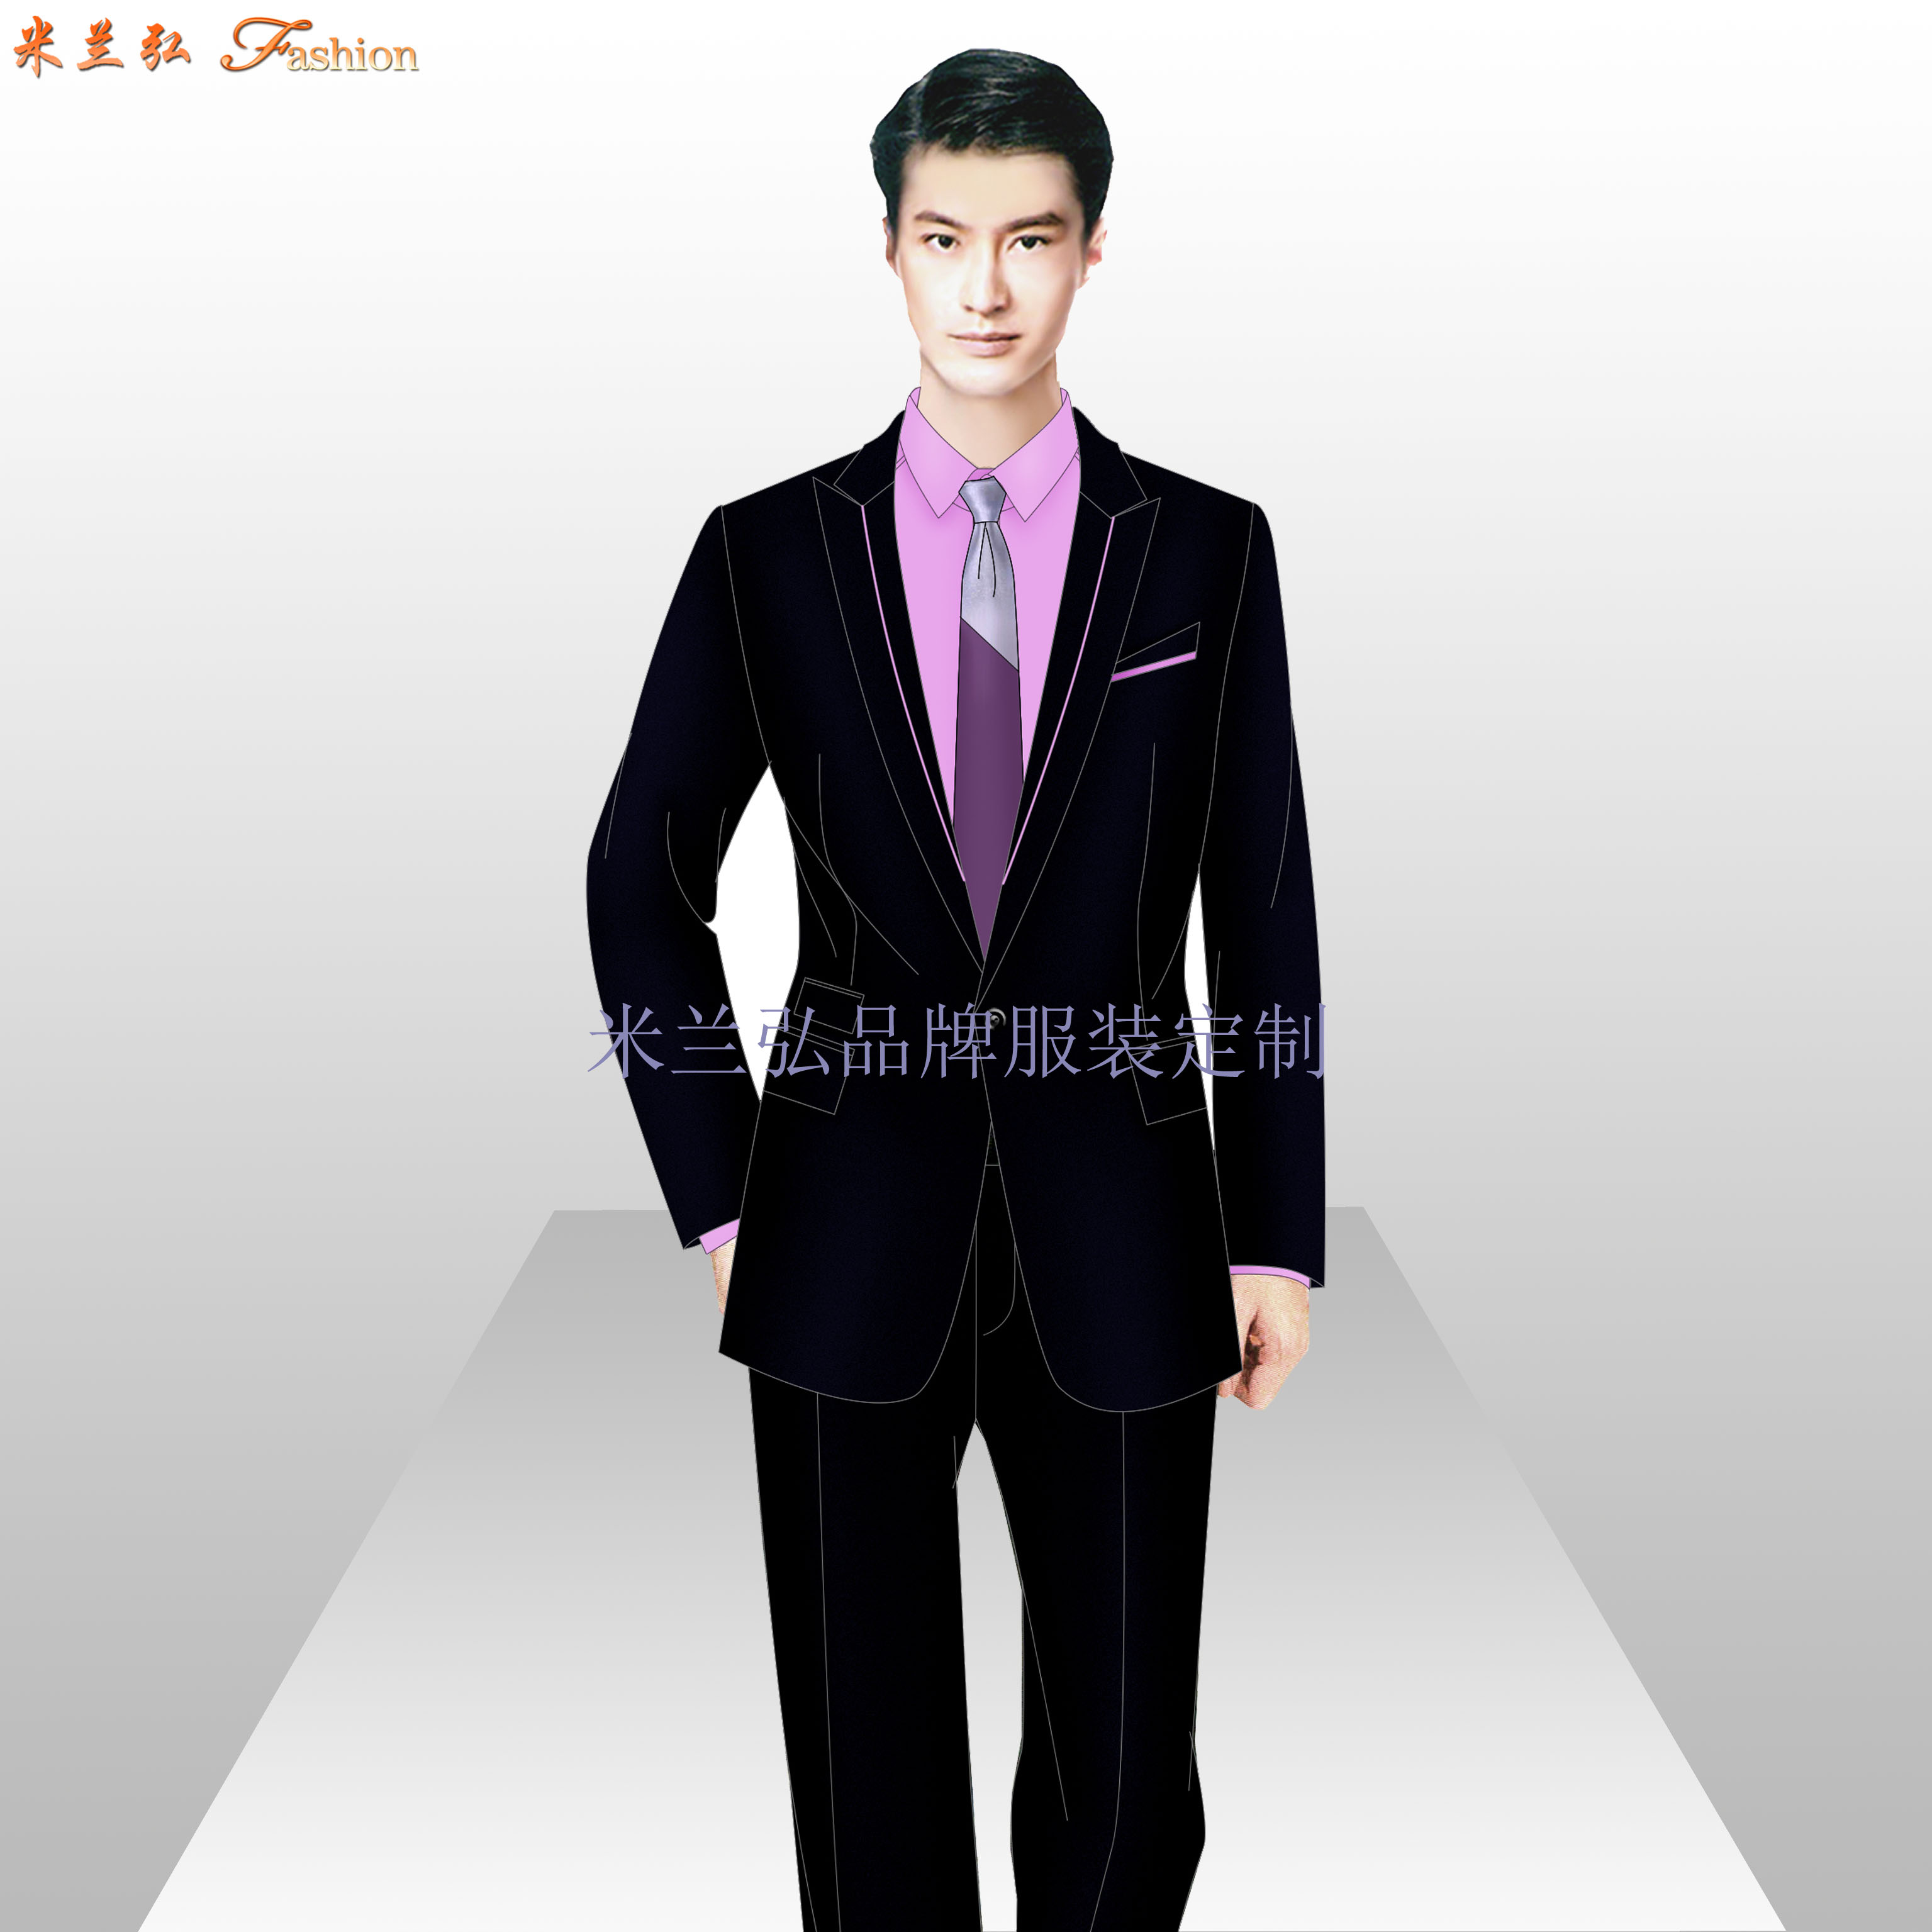 江西职业装定制-品牌职业装订做厂家-米兰弘服装-3